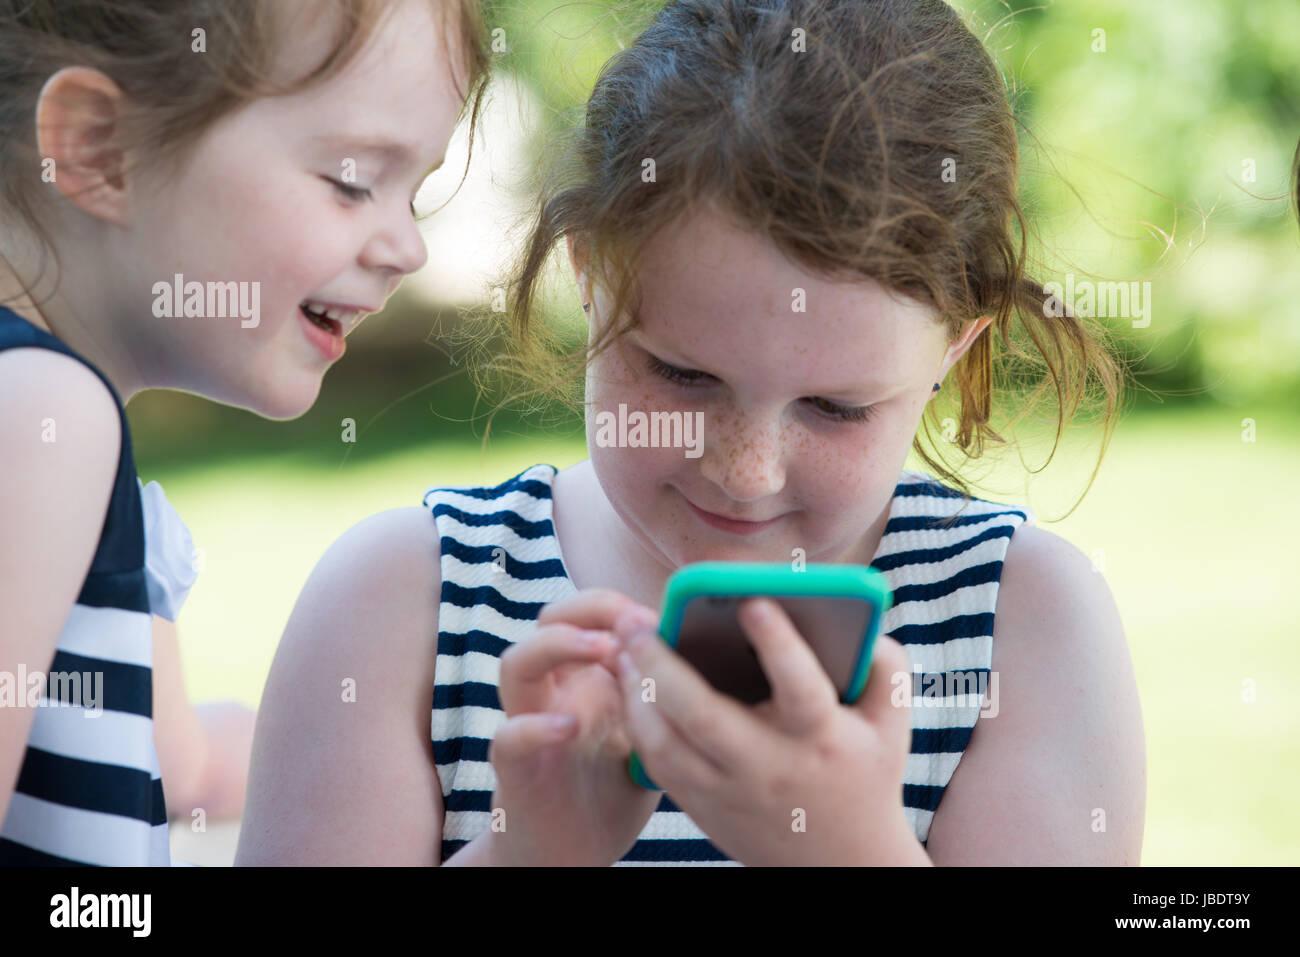 Glücklich lachende Kinder spielen mit Smartphone außen Stockbild